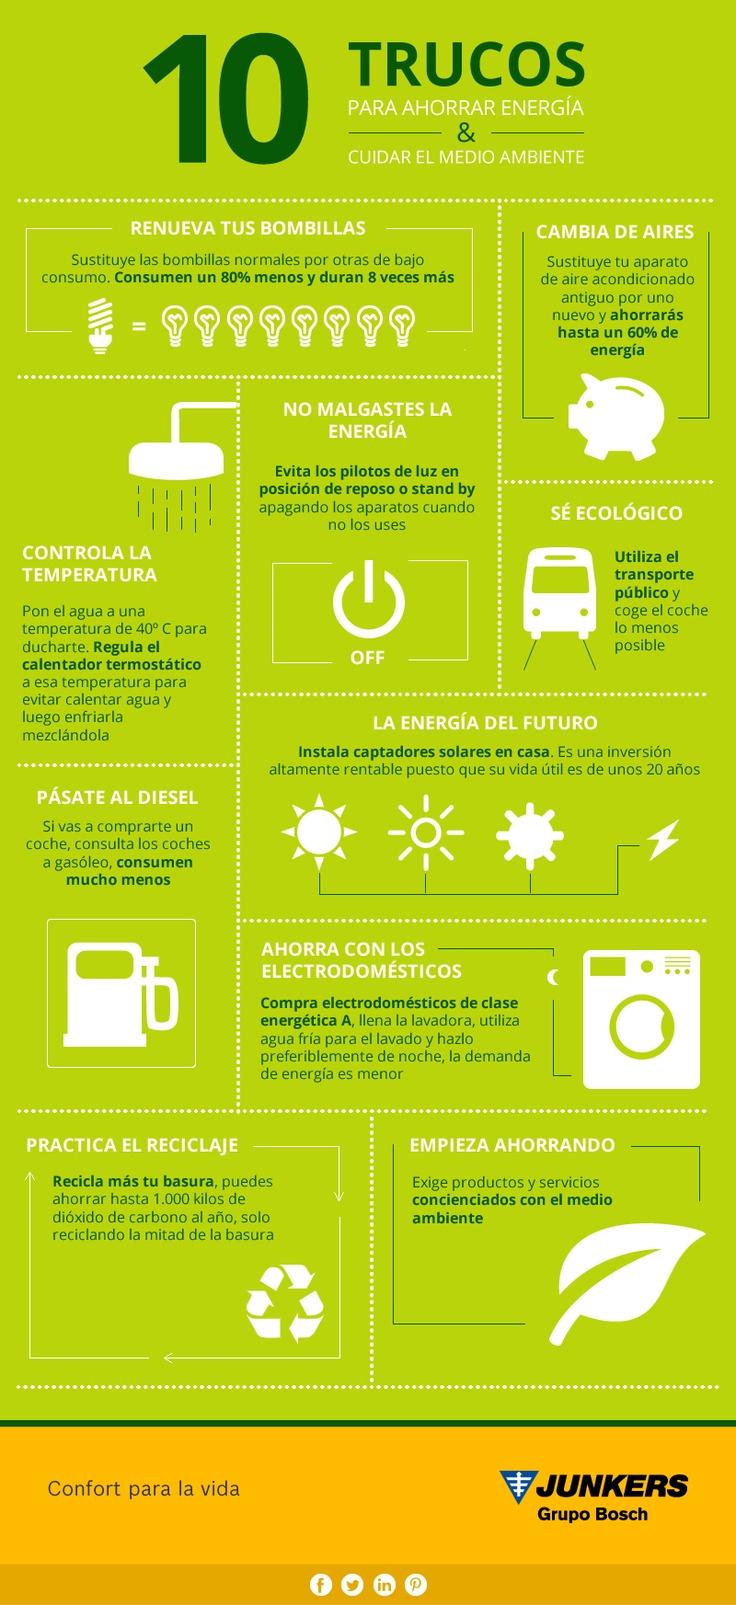 10 trucos para ahorrar energ a y cuidar el medio ambiente - Trucos ahorrar luz ...